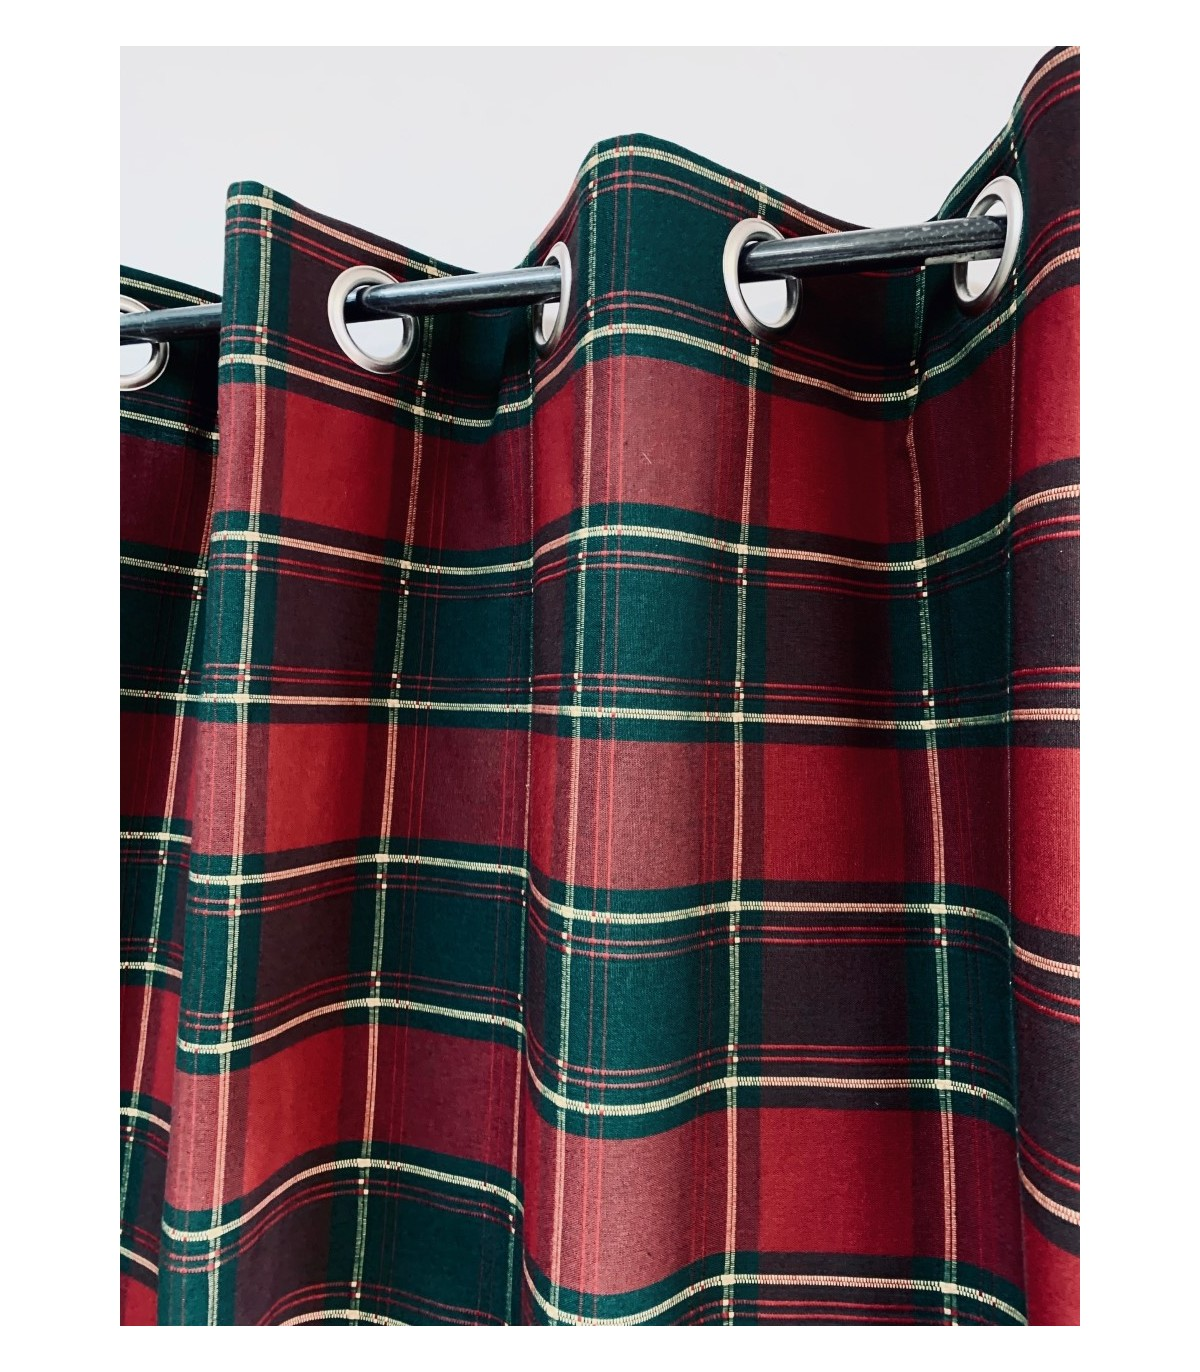 rideau ecossais bordeaux et vert